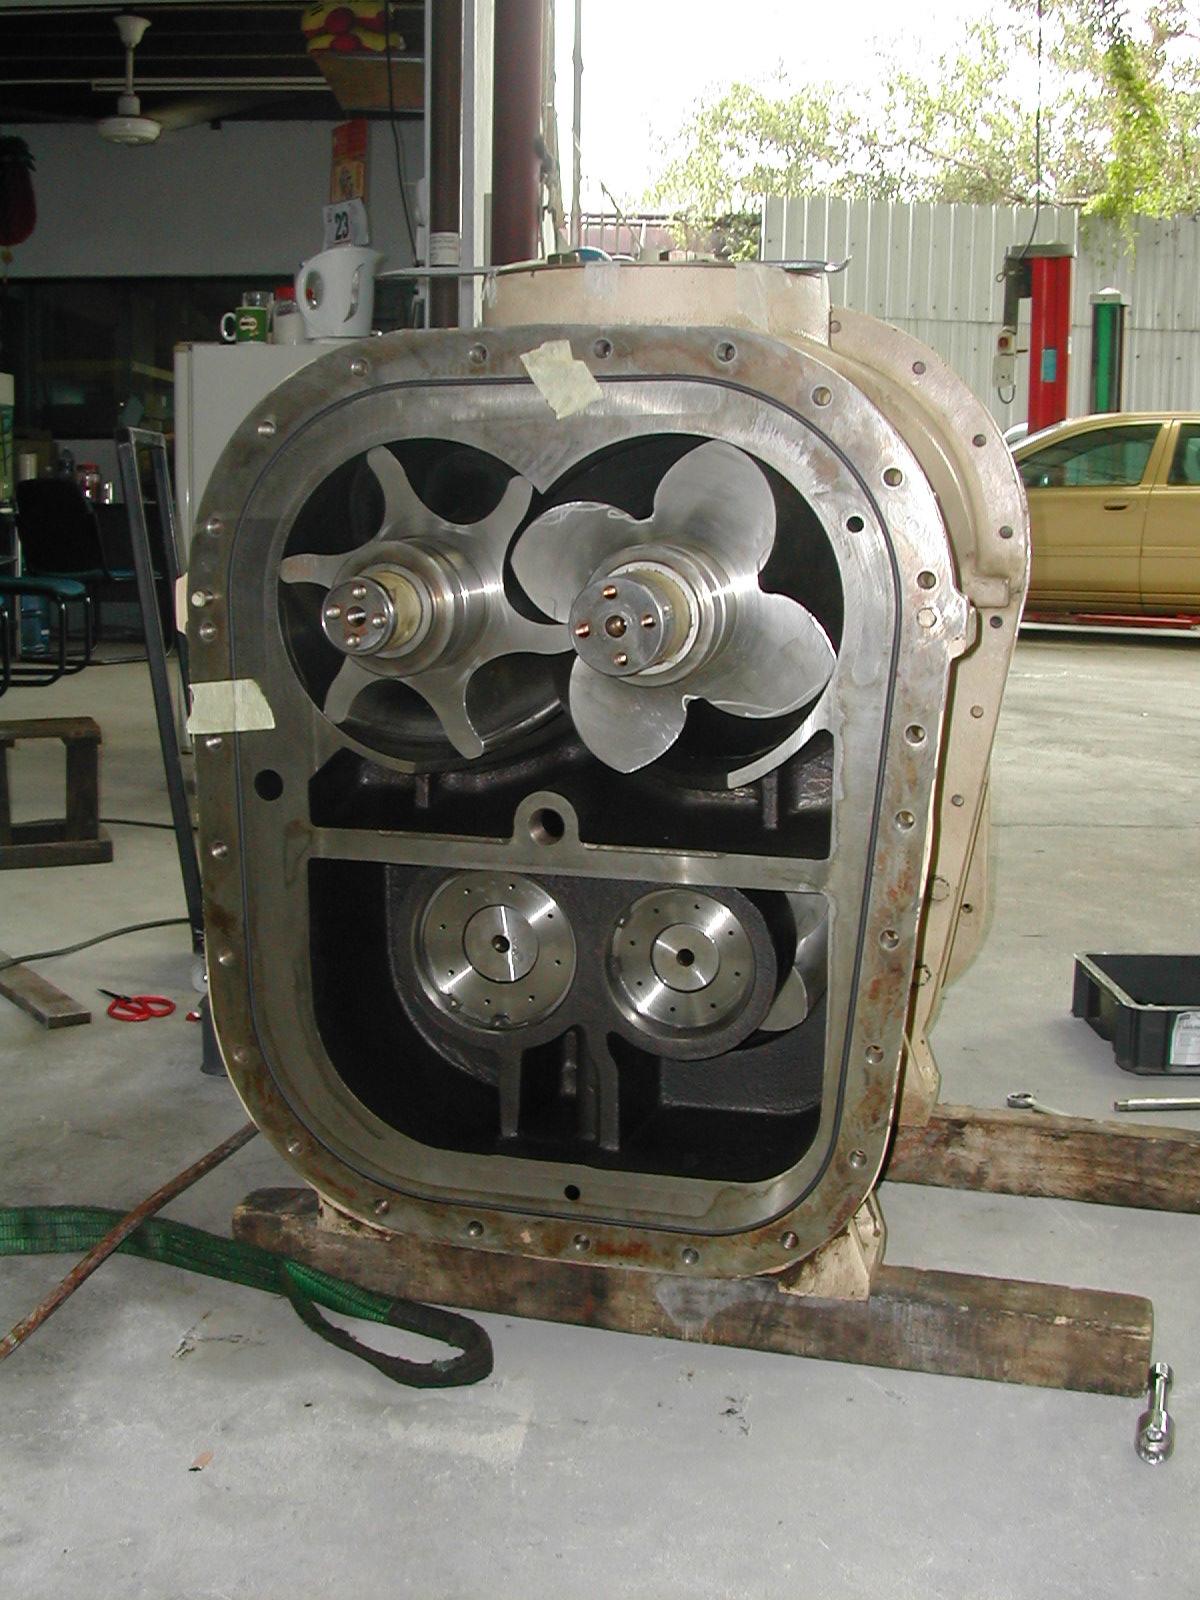 compressors rotary screw air compressor overhaul rh mynikaya compressors blogspot com Ir Air Compressor Parts Reciprocating Compressor Diagram